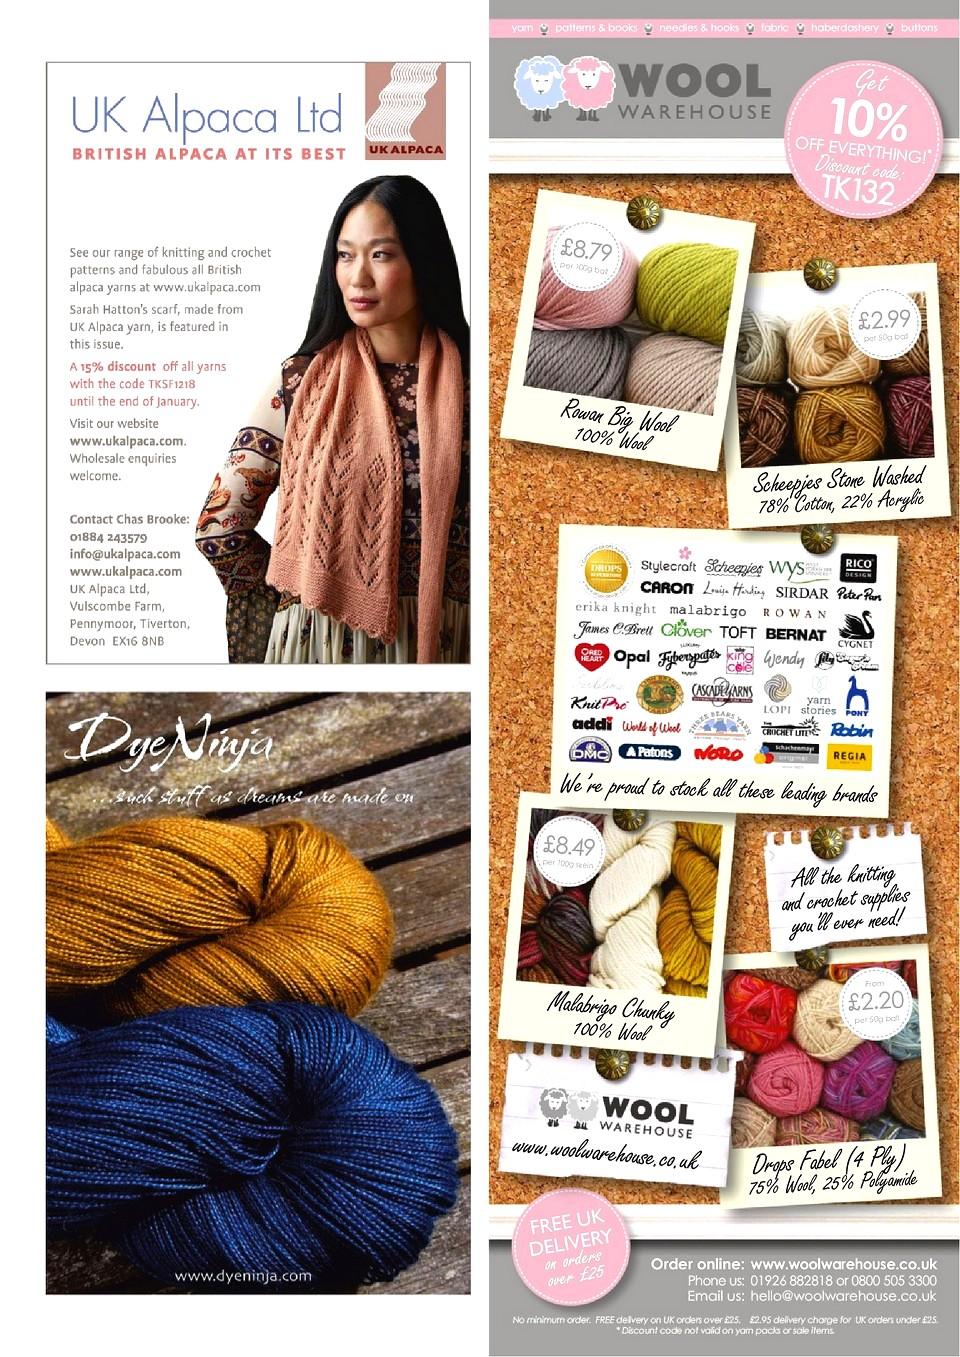 132The-Knitter-022